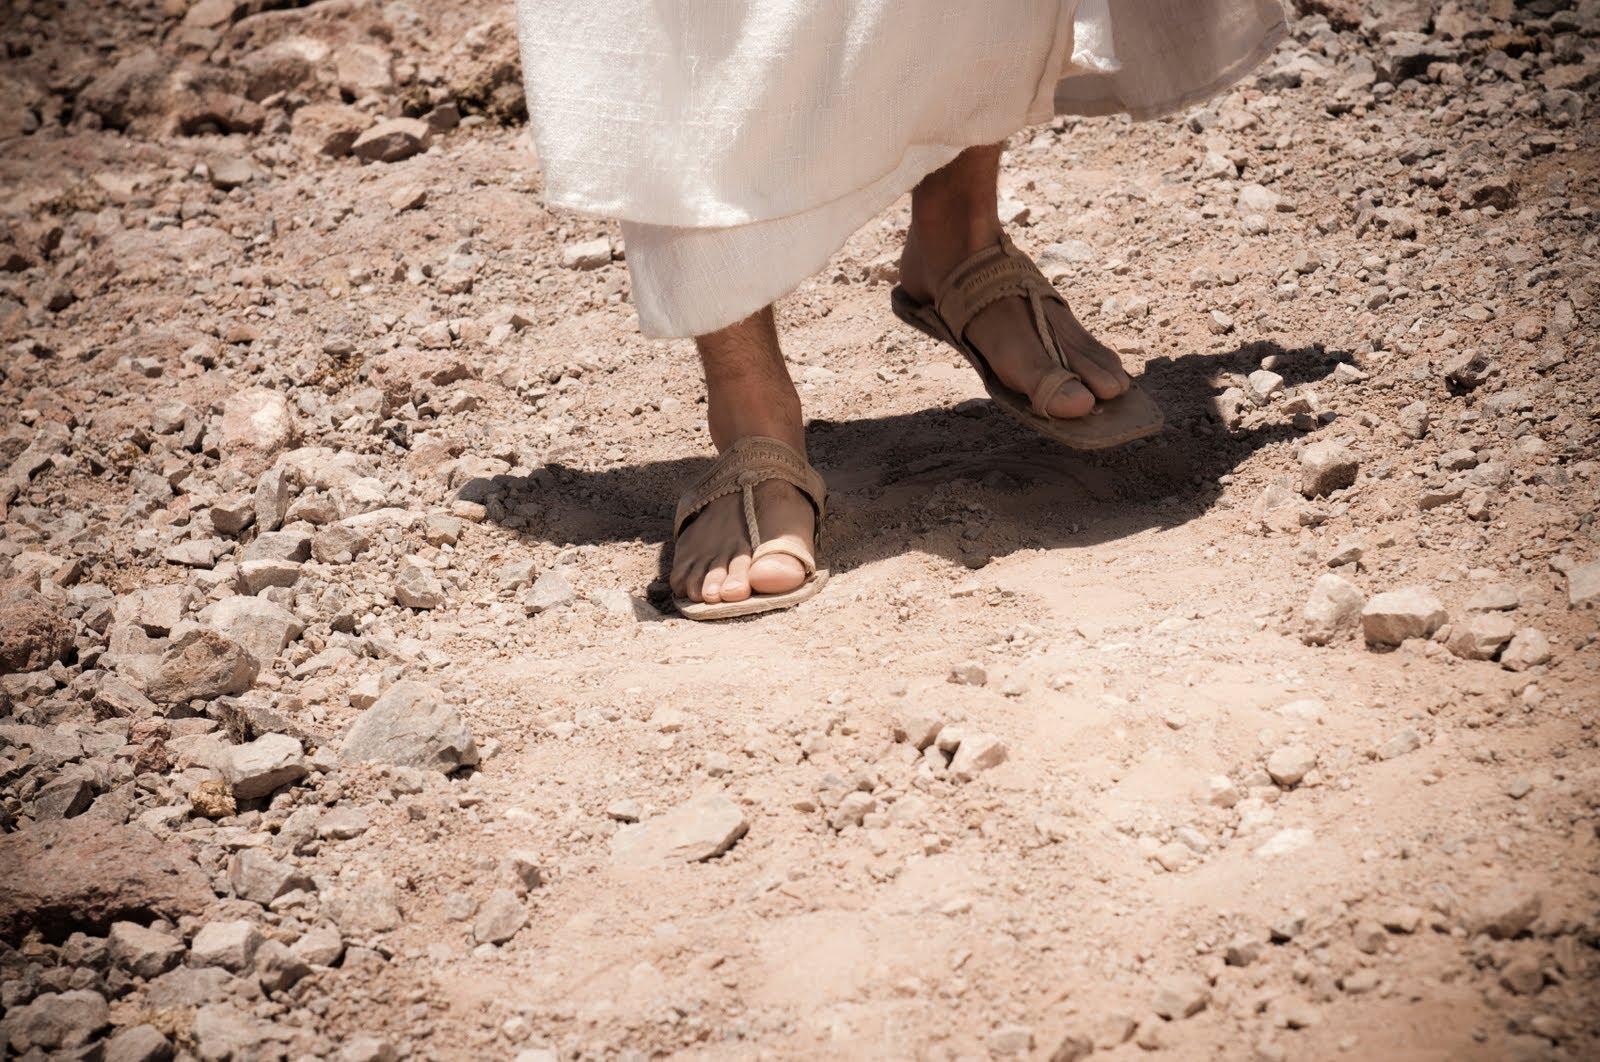 Arqueólogos descubren la úbicacion exacta de donde Cristo perdió la zapatilla